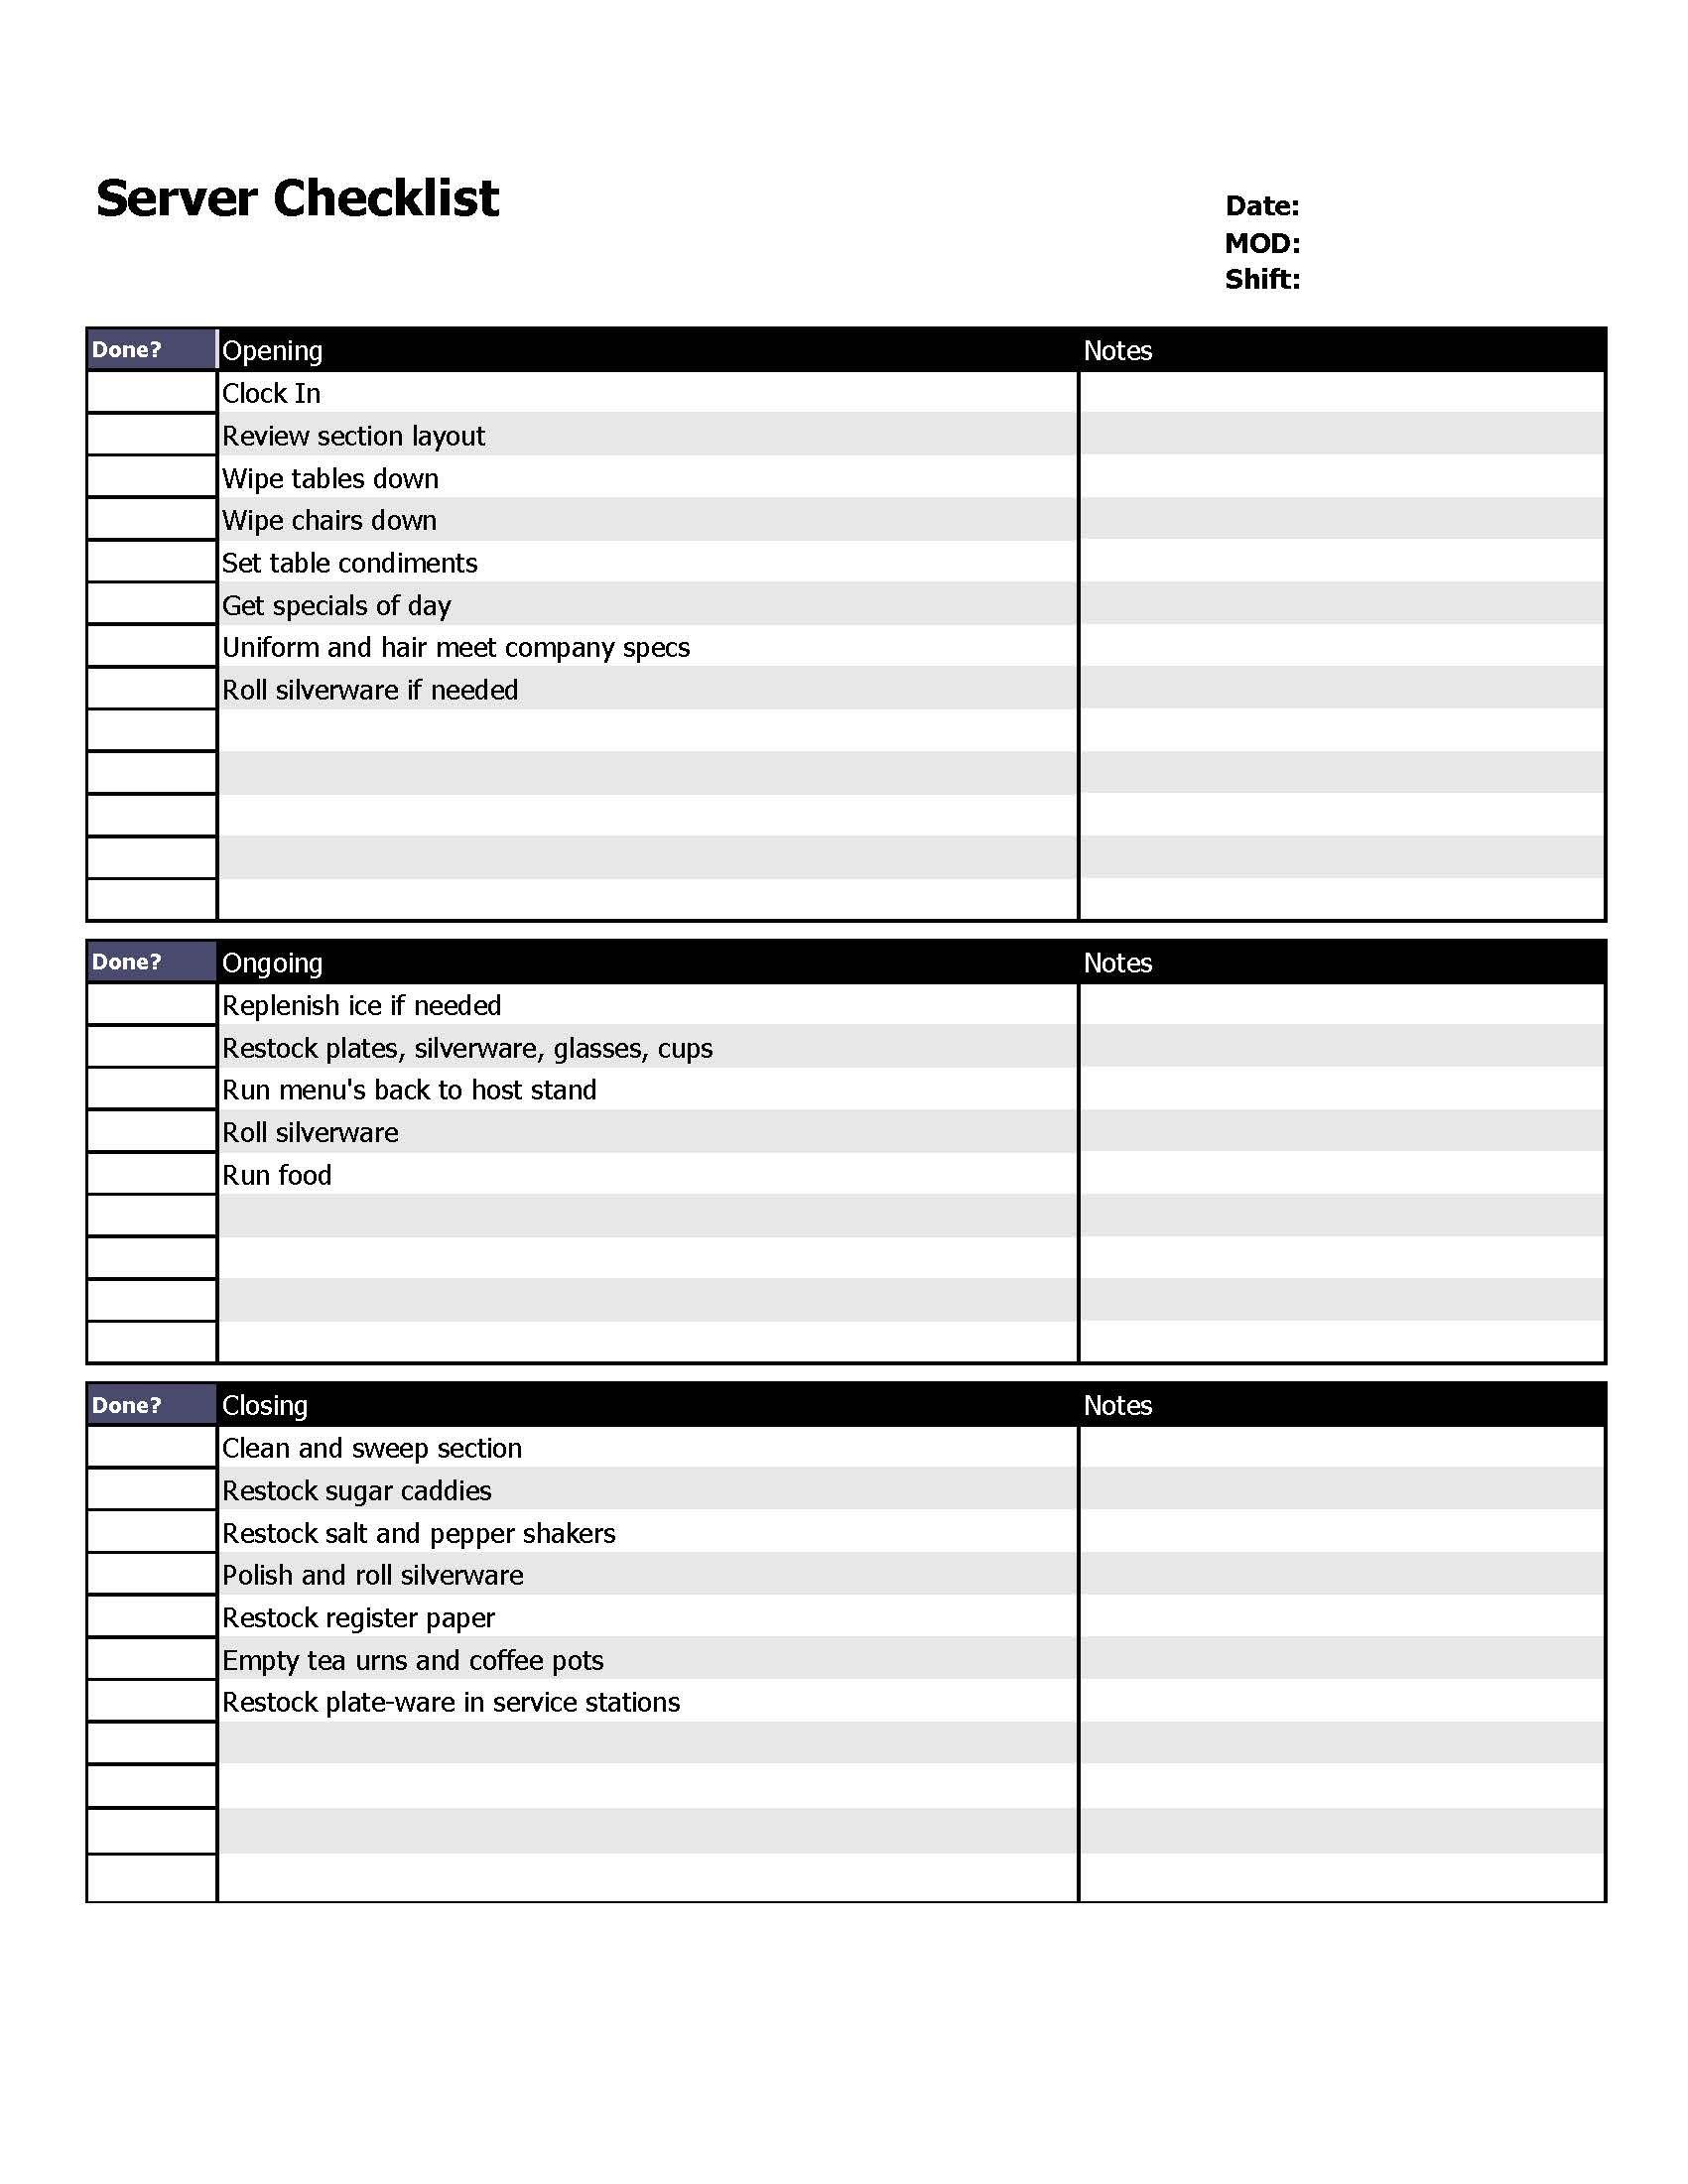 Restaurant server checklist form. Restaurant cleaning